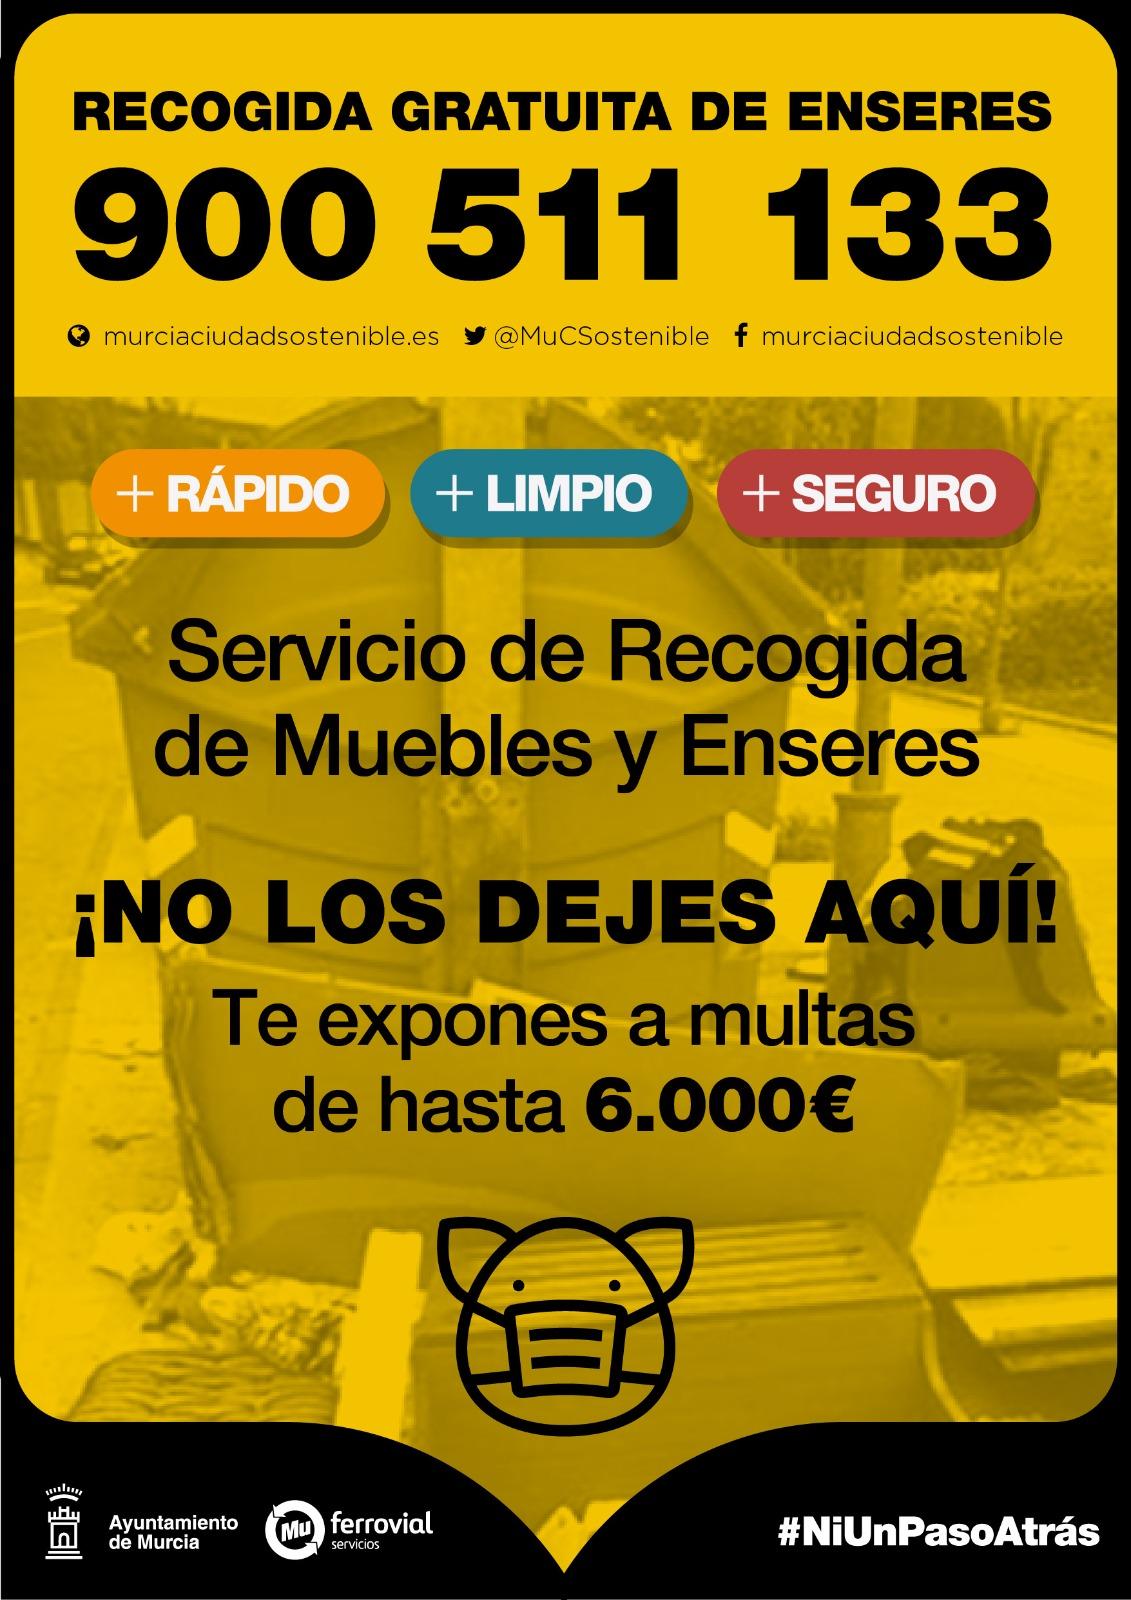 Cartel Recogida Gratuita de Enseres - Murcia - Joven Futura